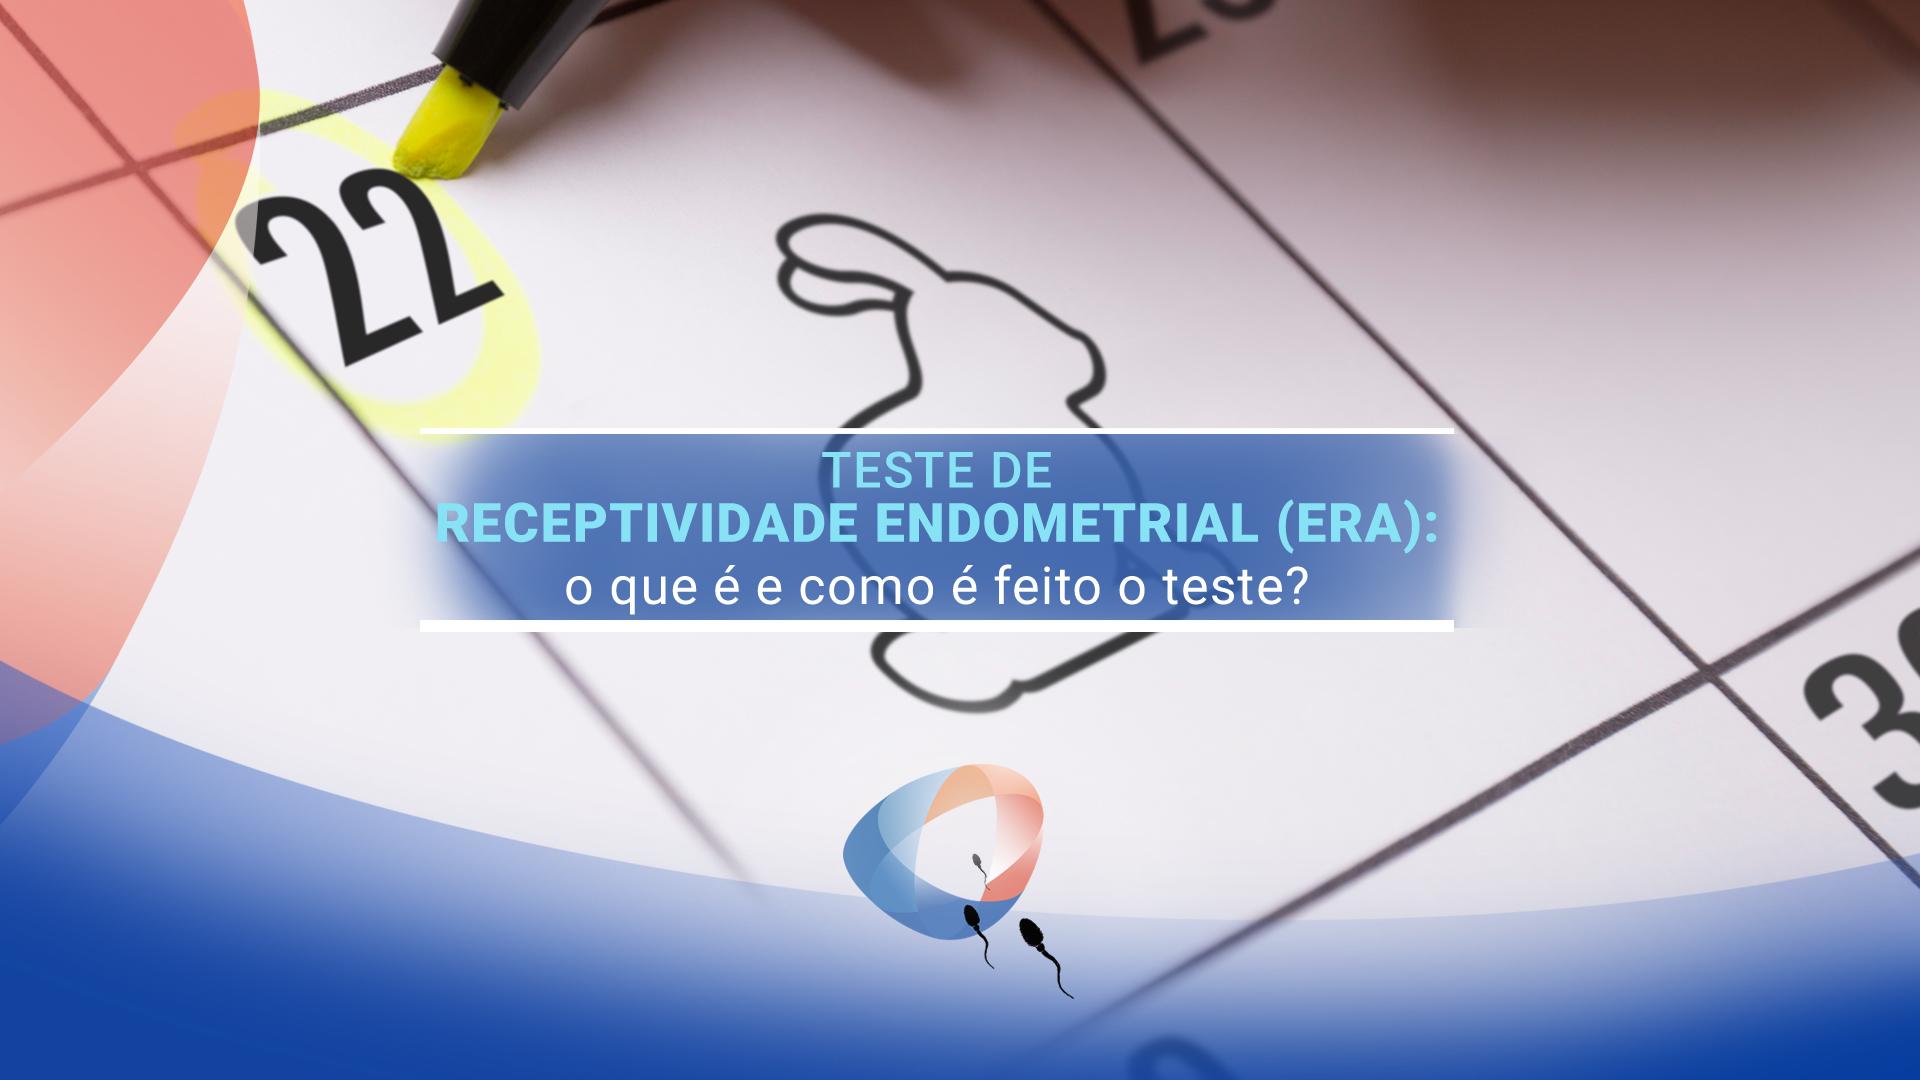 Teste de receptividade endometrial (ERA): o que é e como é feito o teste?